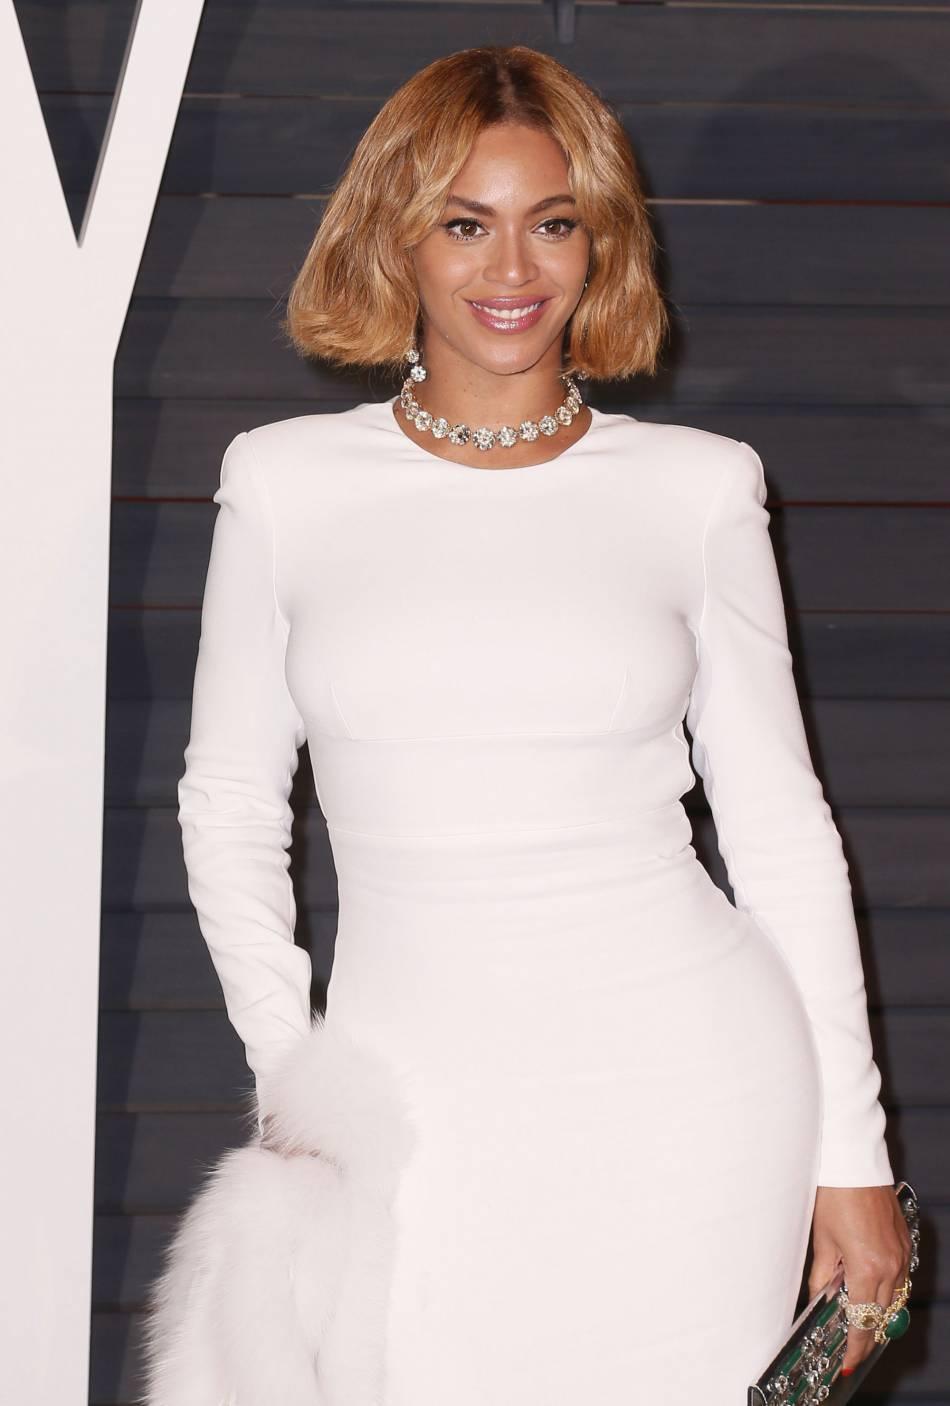 En prenant des positions engagées et politiques, Beyoncé montre qu'elle n'est pas qu'une diva.